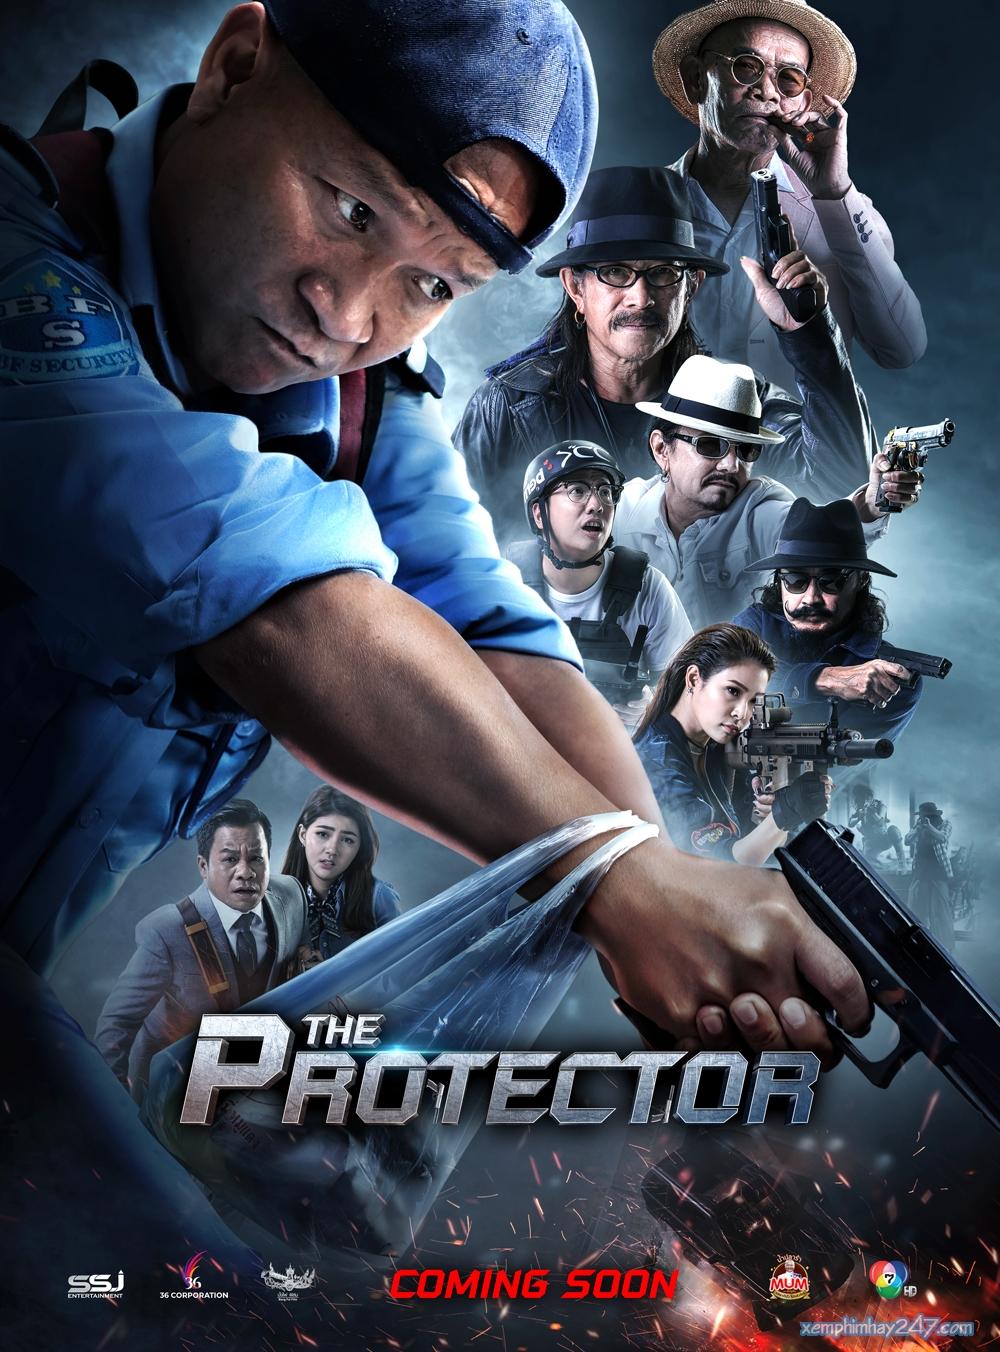 http://xemphimhay247.com - Xem phim hay 247 - Siêu Vệ Sĩ Sợ Vợ (2020) - The Protector (2020)